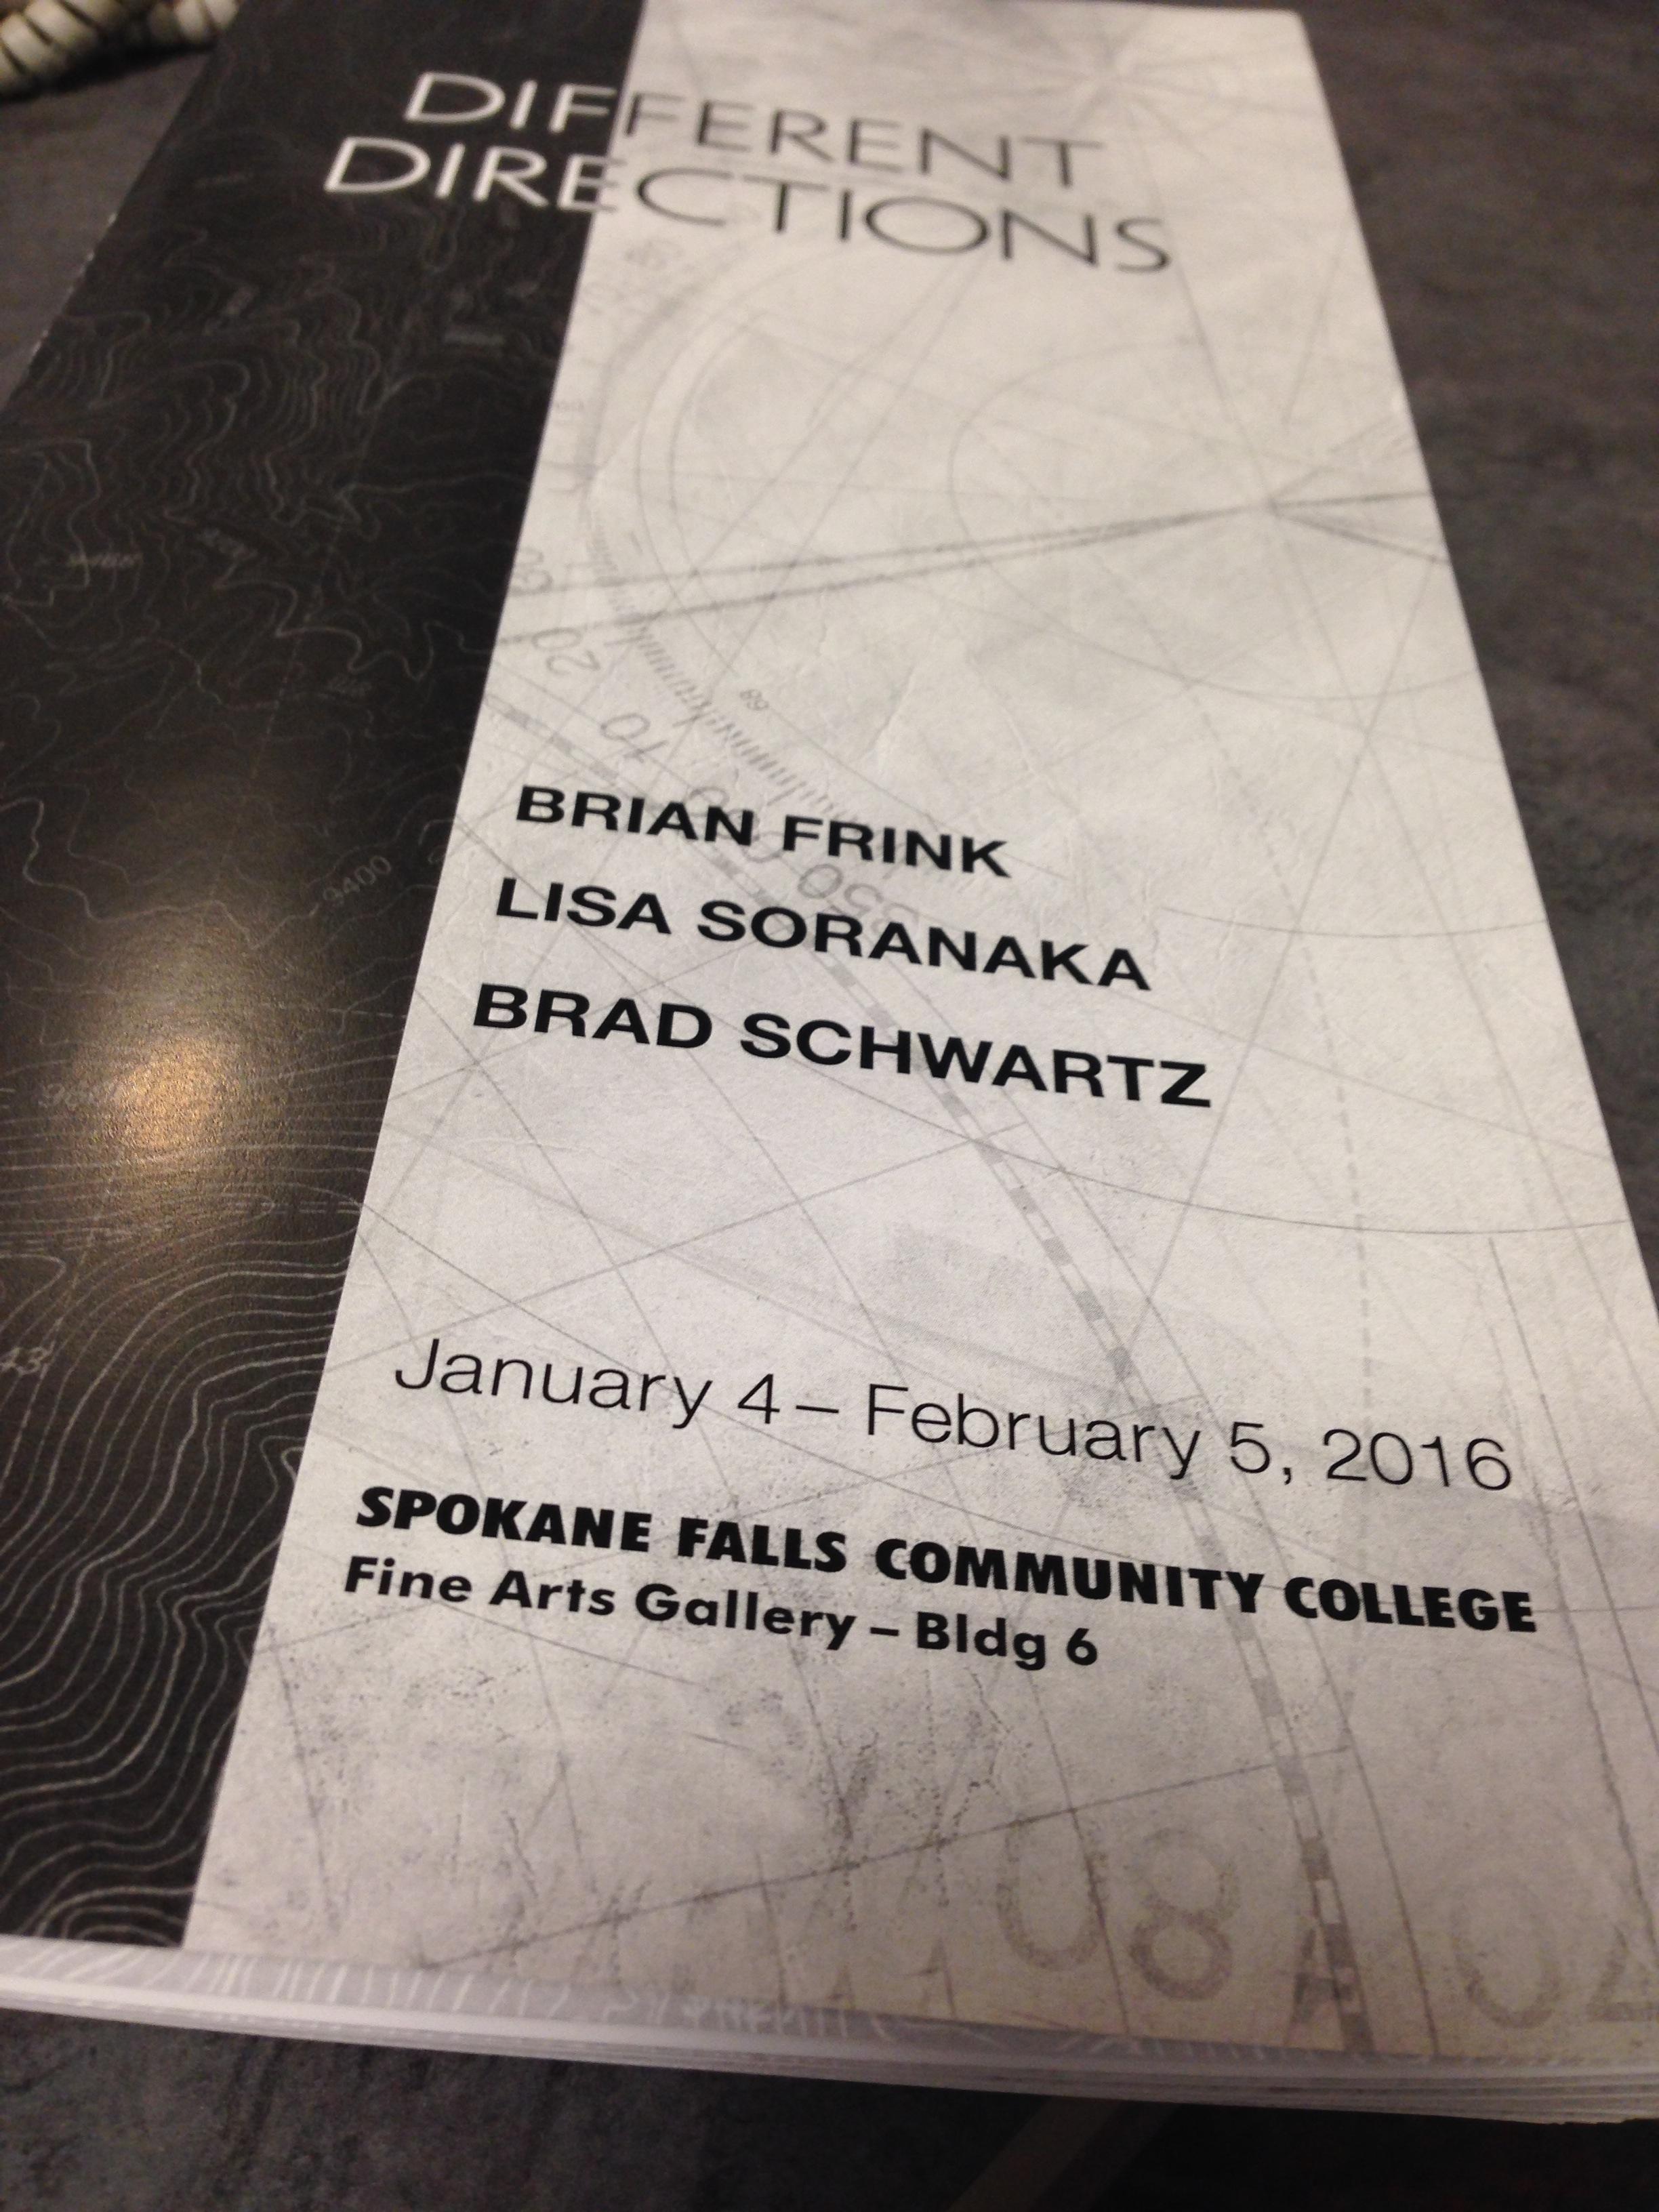 SFCC 2016 Winter Show